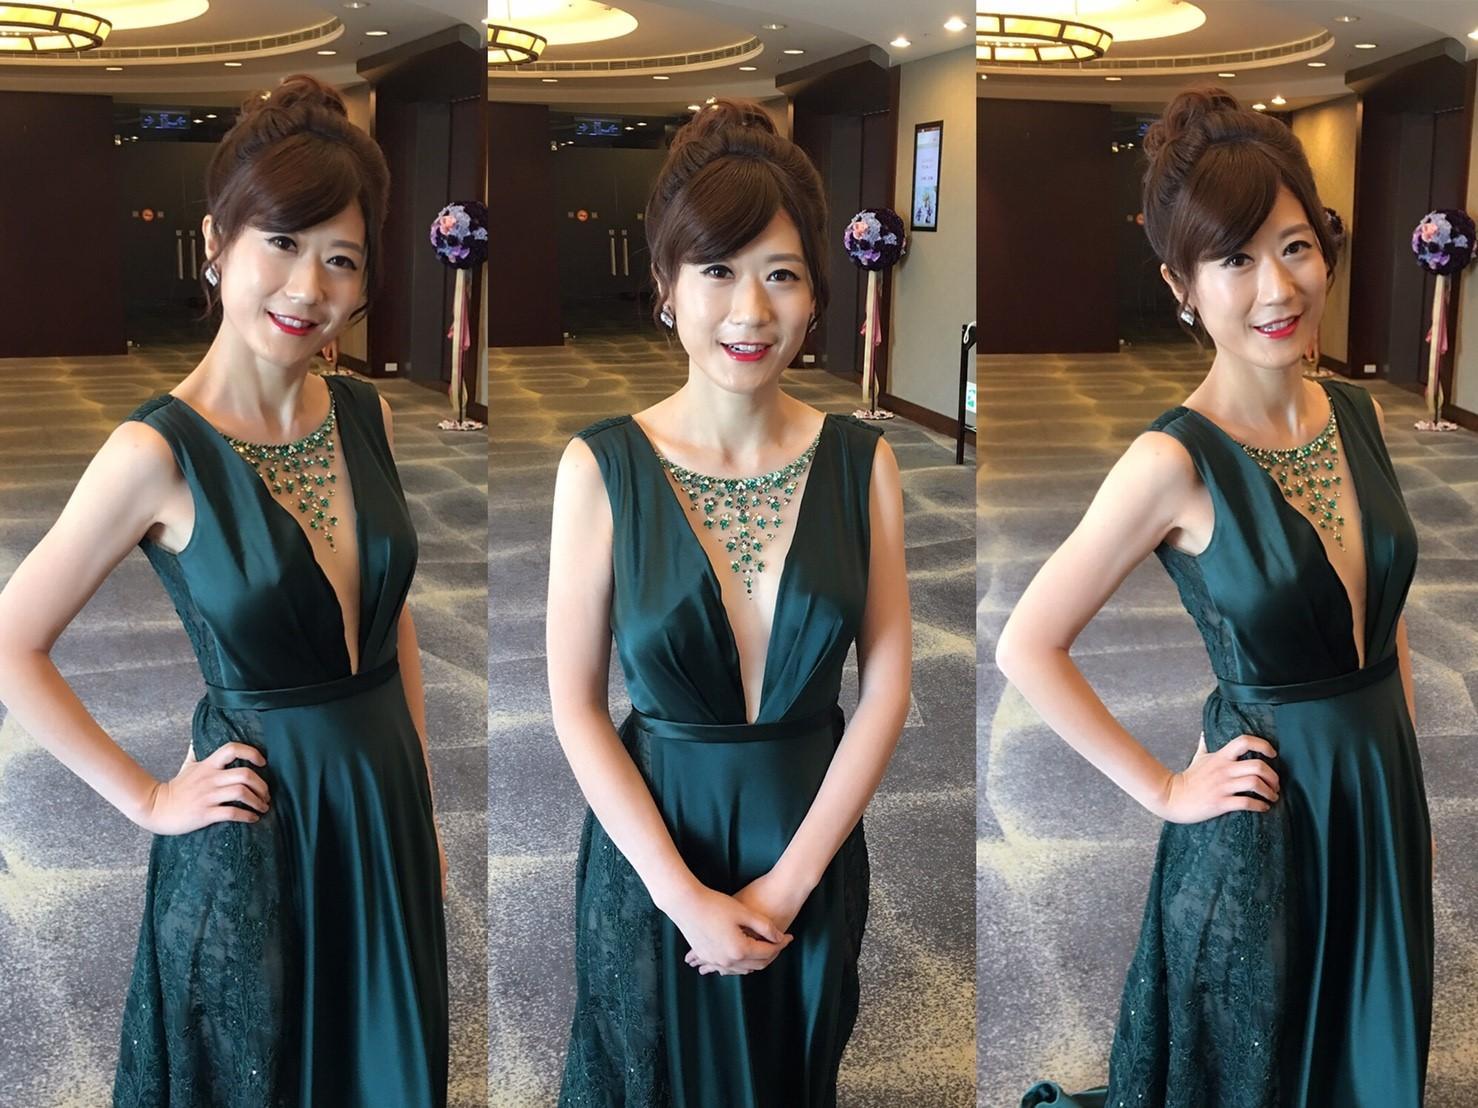 新娘秘書婚宴敬酒造型, 新娘造型, 韓系, 鮮花造型, 光澤肌, 歐美, 清新自然, 時尚